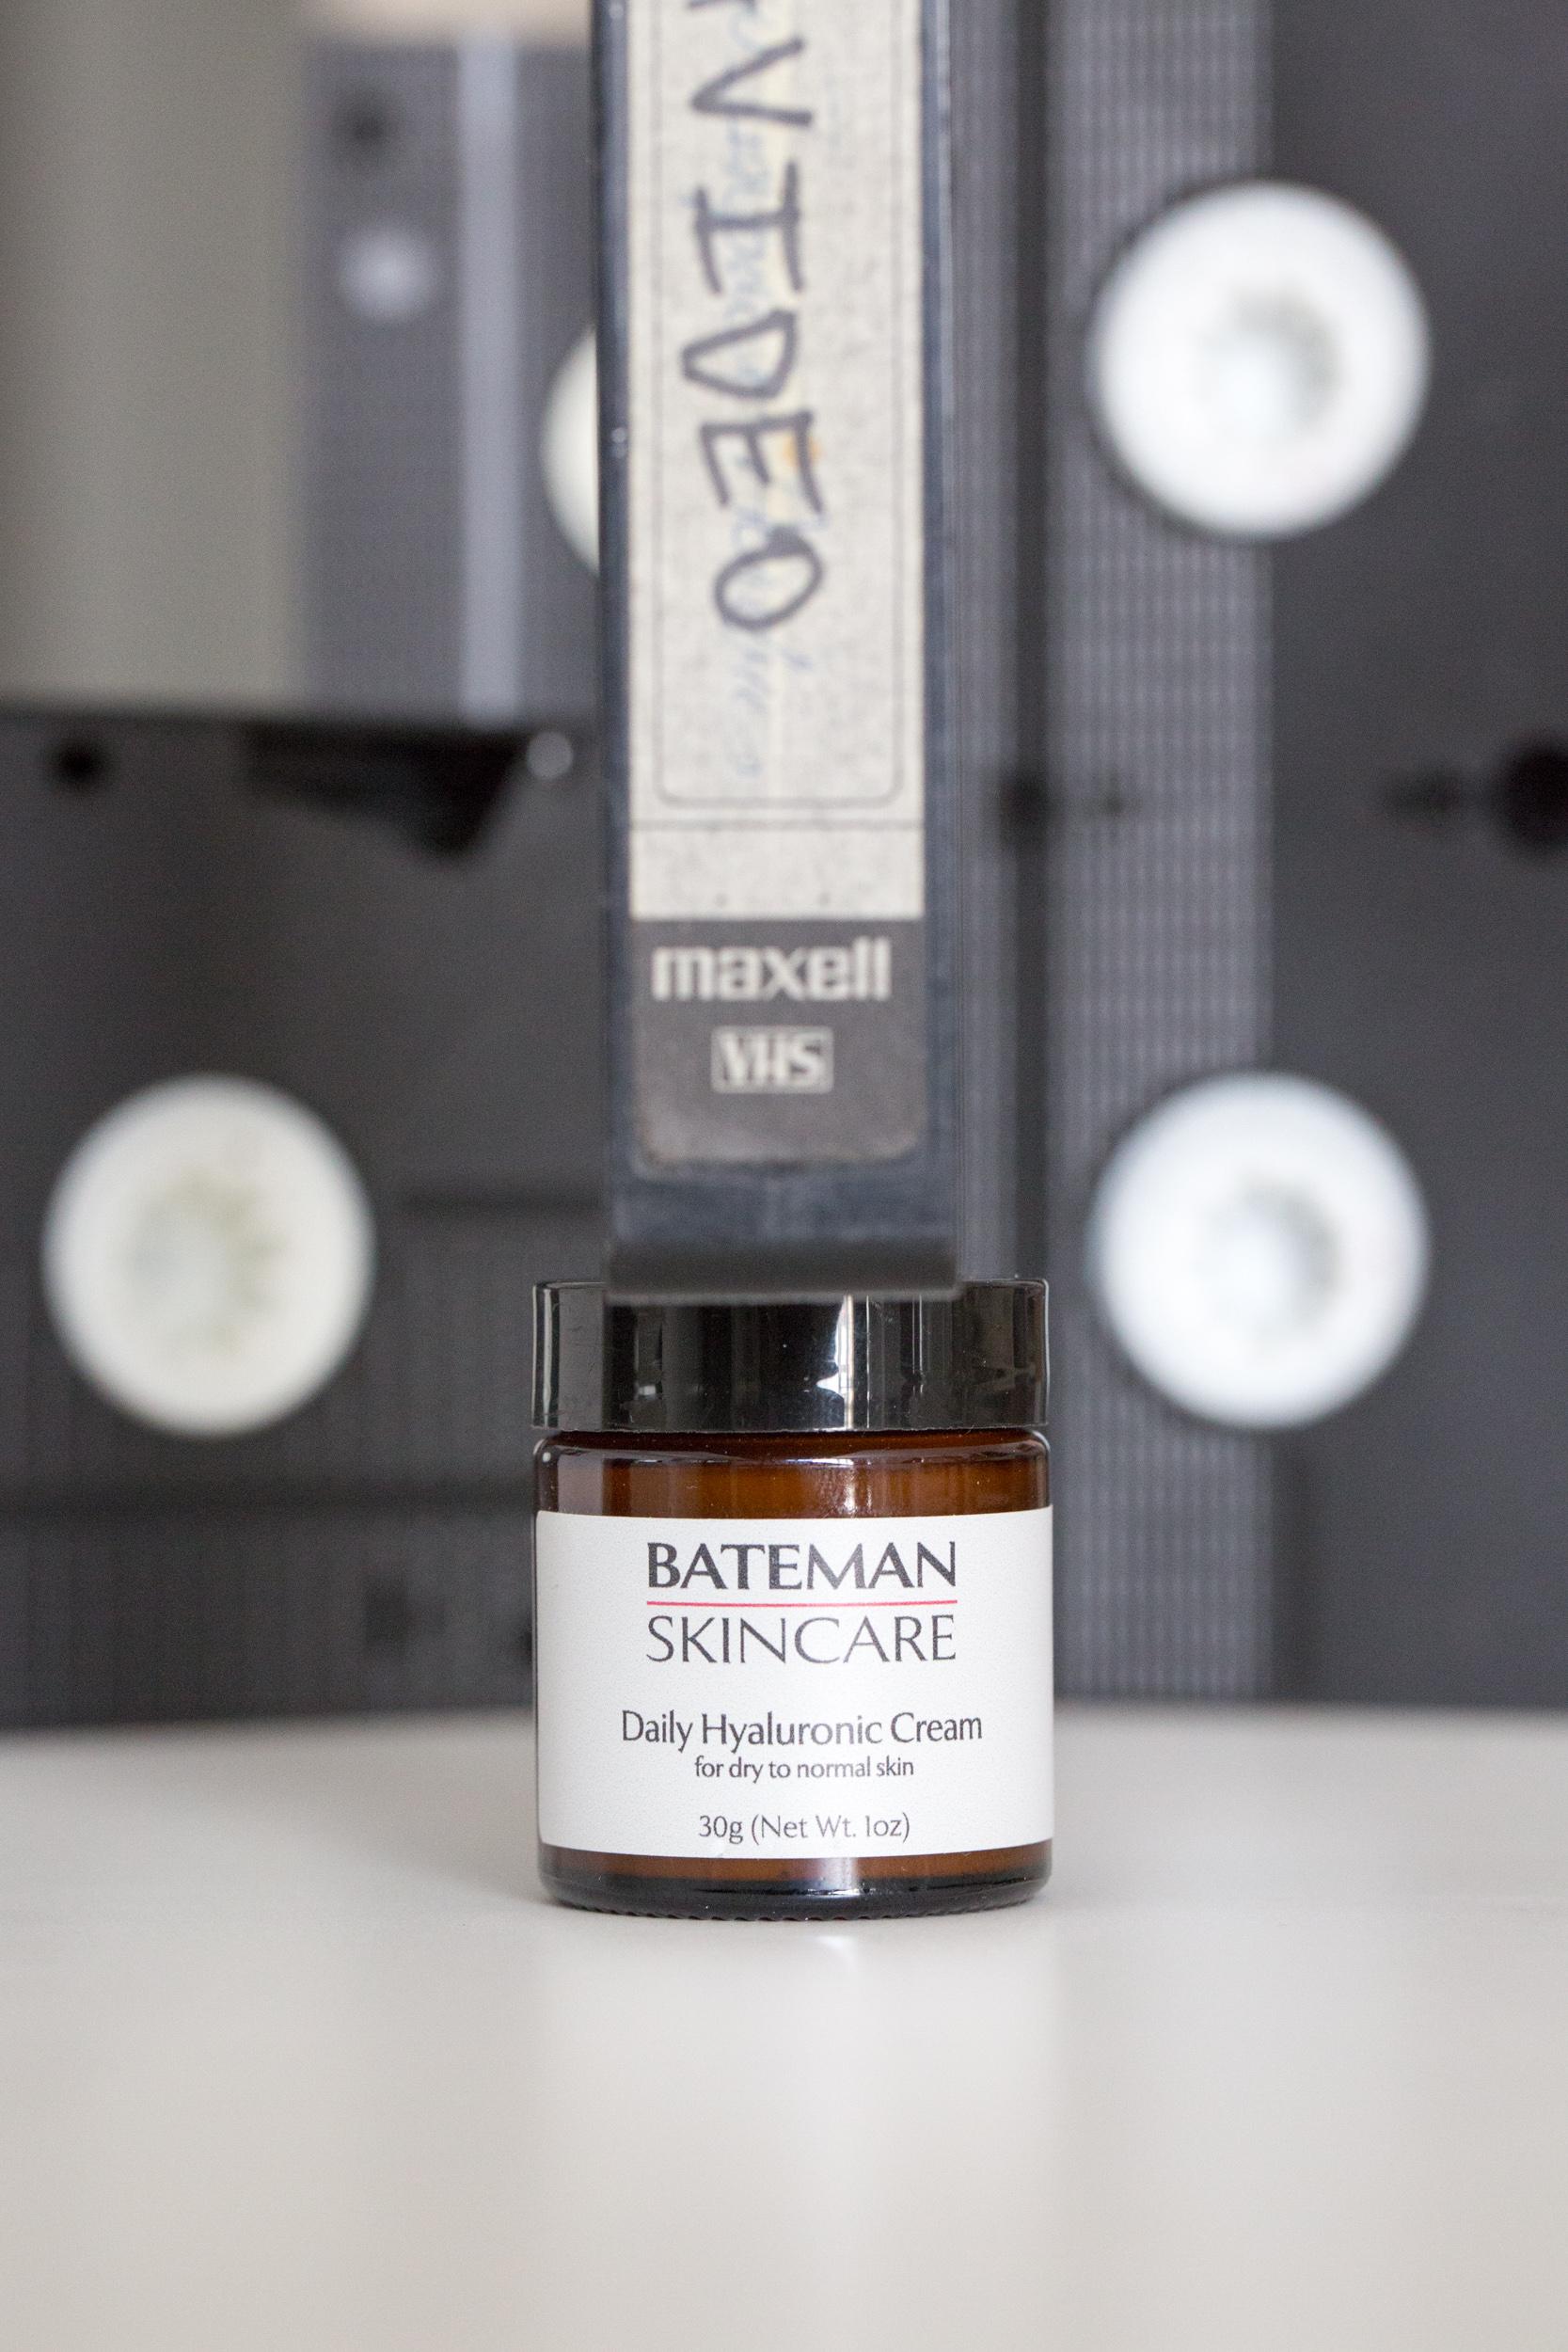 bateman skin care day 1-1244.jpg